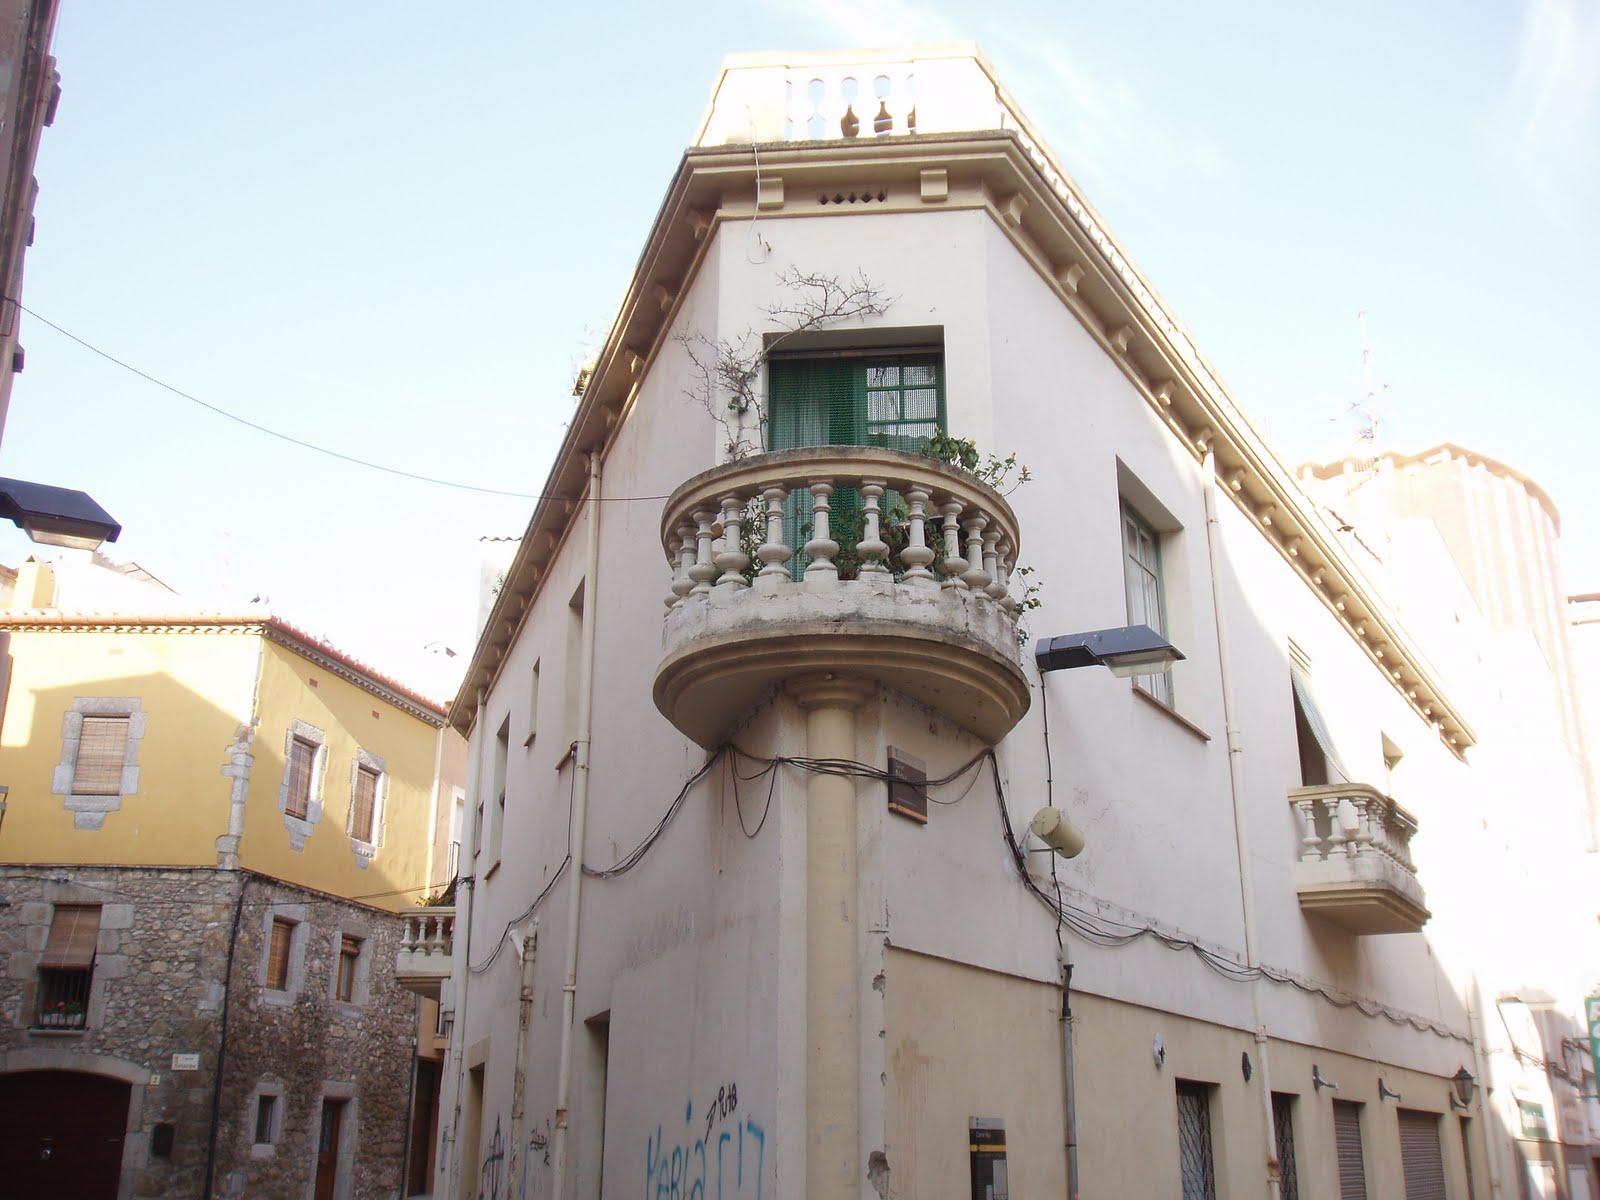 Balcones con encanto aprovechando una esquina - Balcones con encanto ...